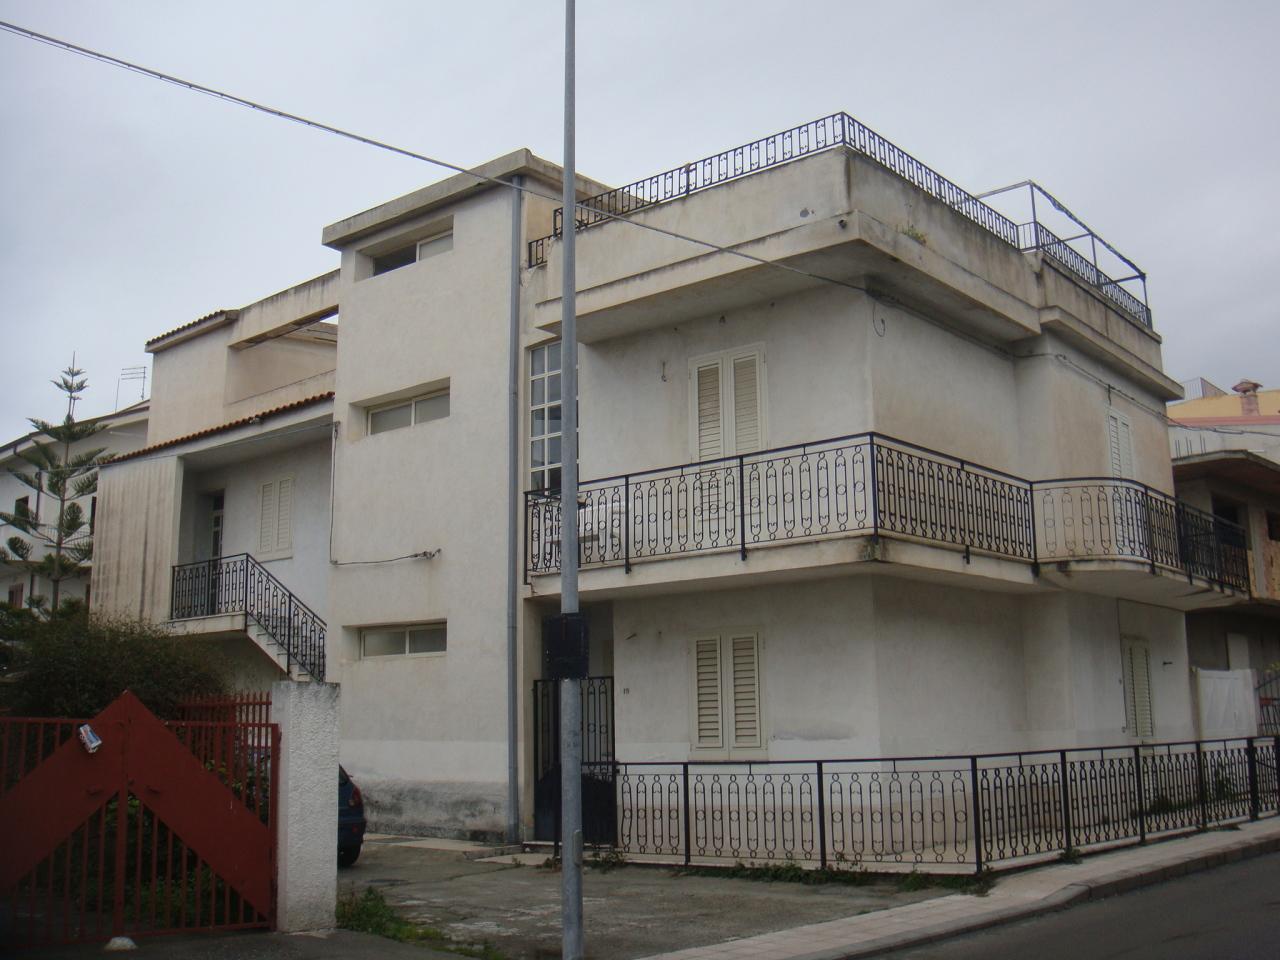 Soluzione Semindipendente in vendita a Melito di Porto Salvo, 3 locali, prezzo € 85.000 | CambioCasa.it